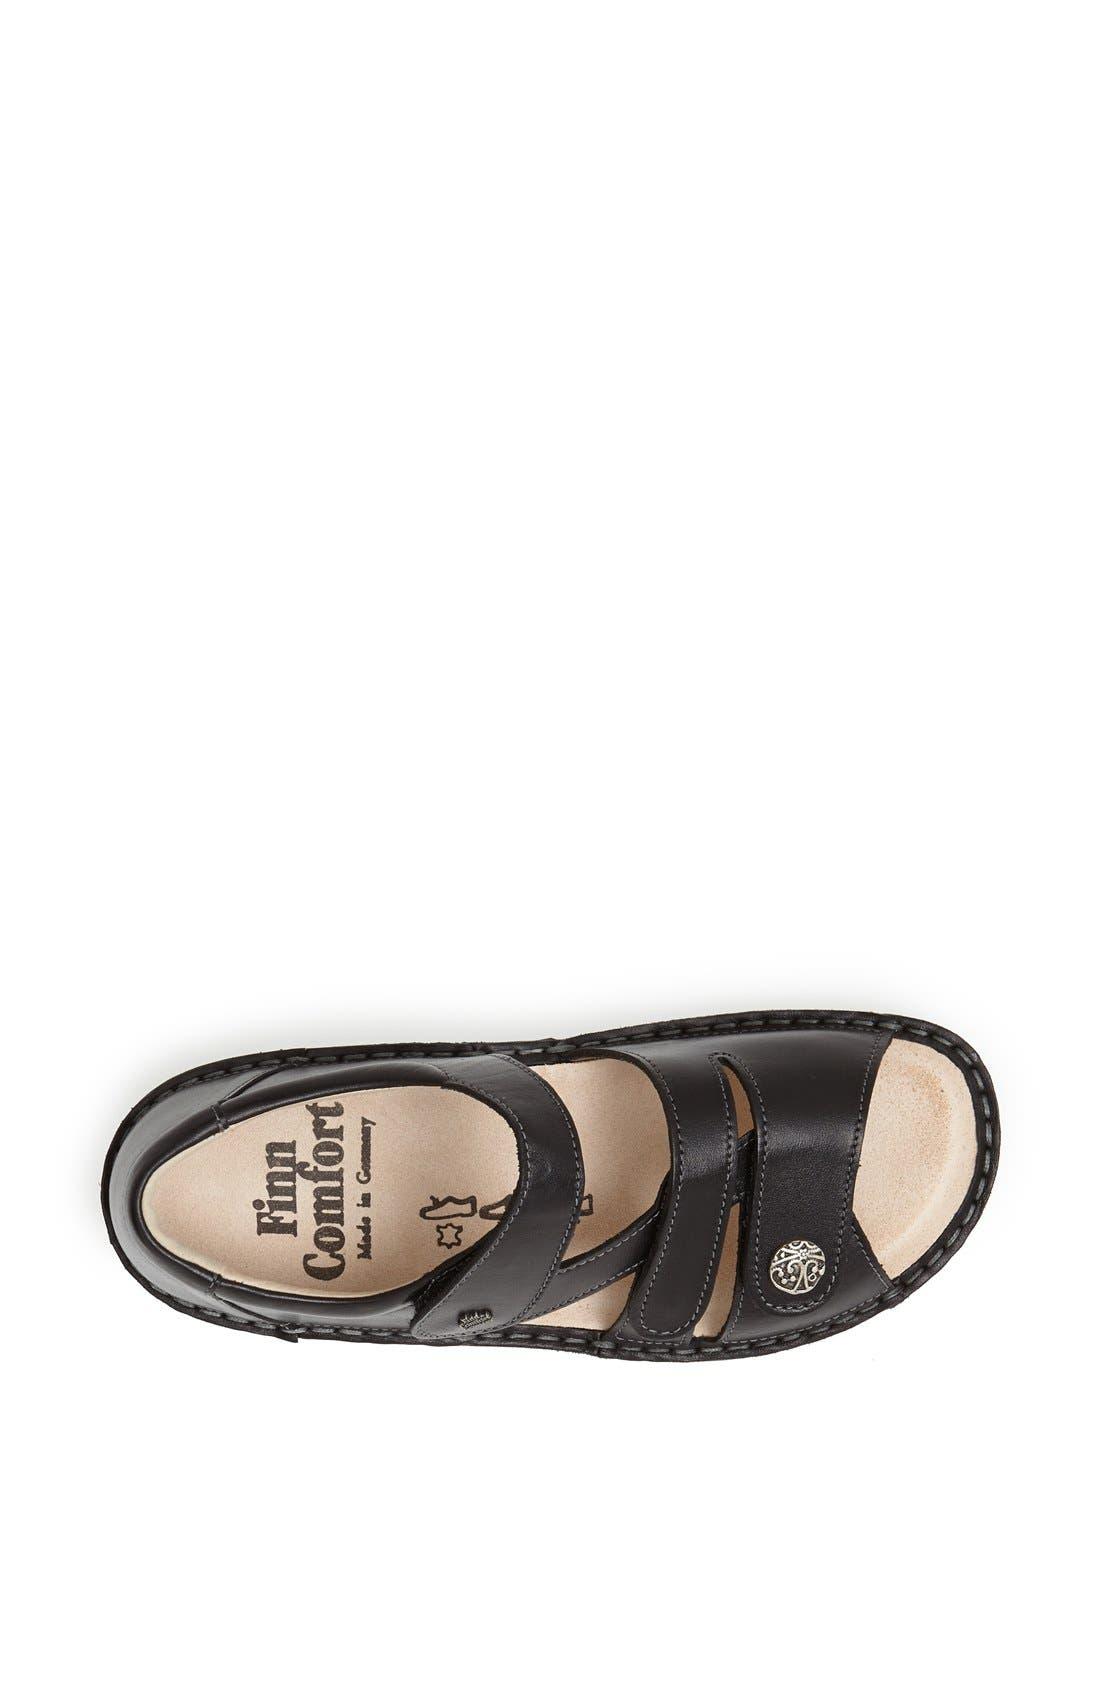 Alternate Image 3  - Finn Comfort 'Sintra' Sandal